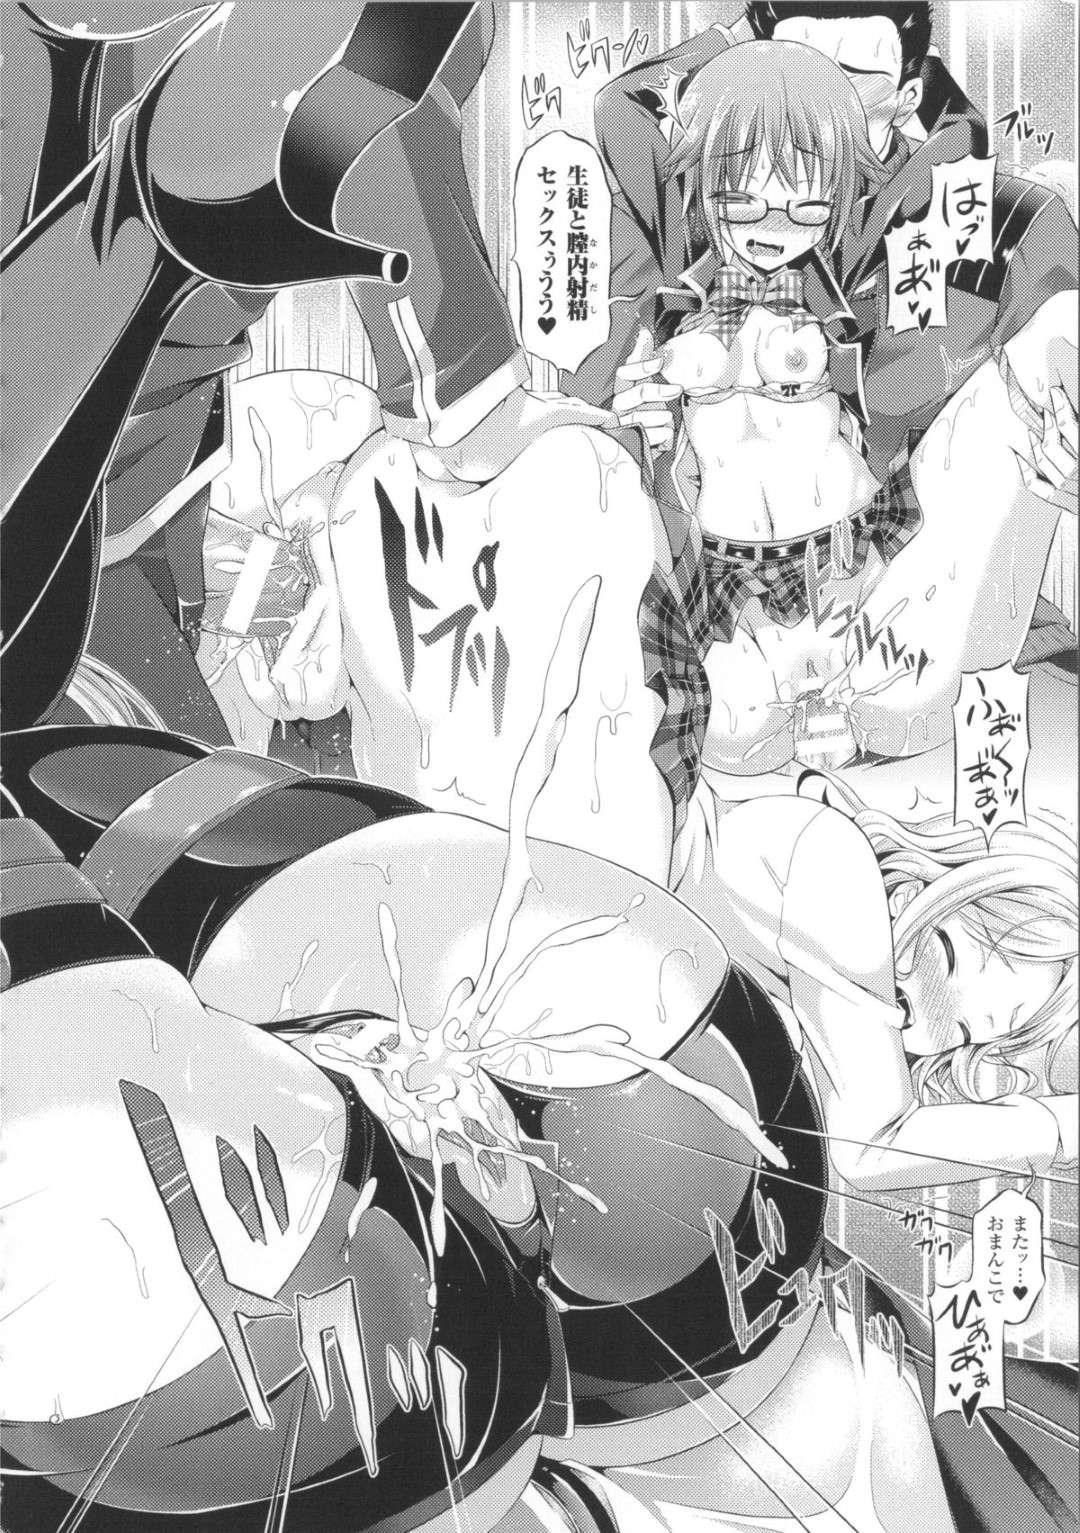 【エロ同人誌】サキュバスJKの力によってクラスの男子たちと身体が入れ替わってしまった美少女JKたち。自分の身体で勝手にオナニーしまくる男子たちに逆レイプされて乱交状態となり連続中出し輪姦TSセックスして全員イキまくる【オリジナル】